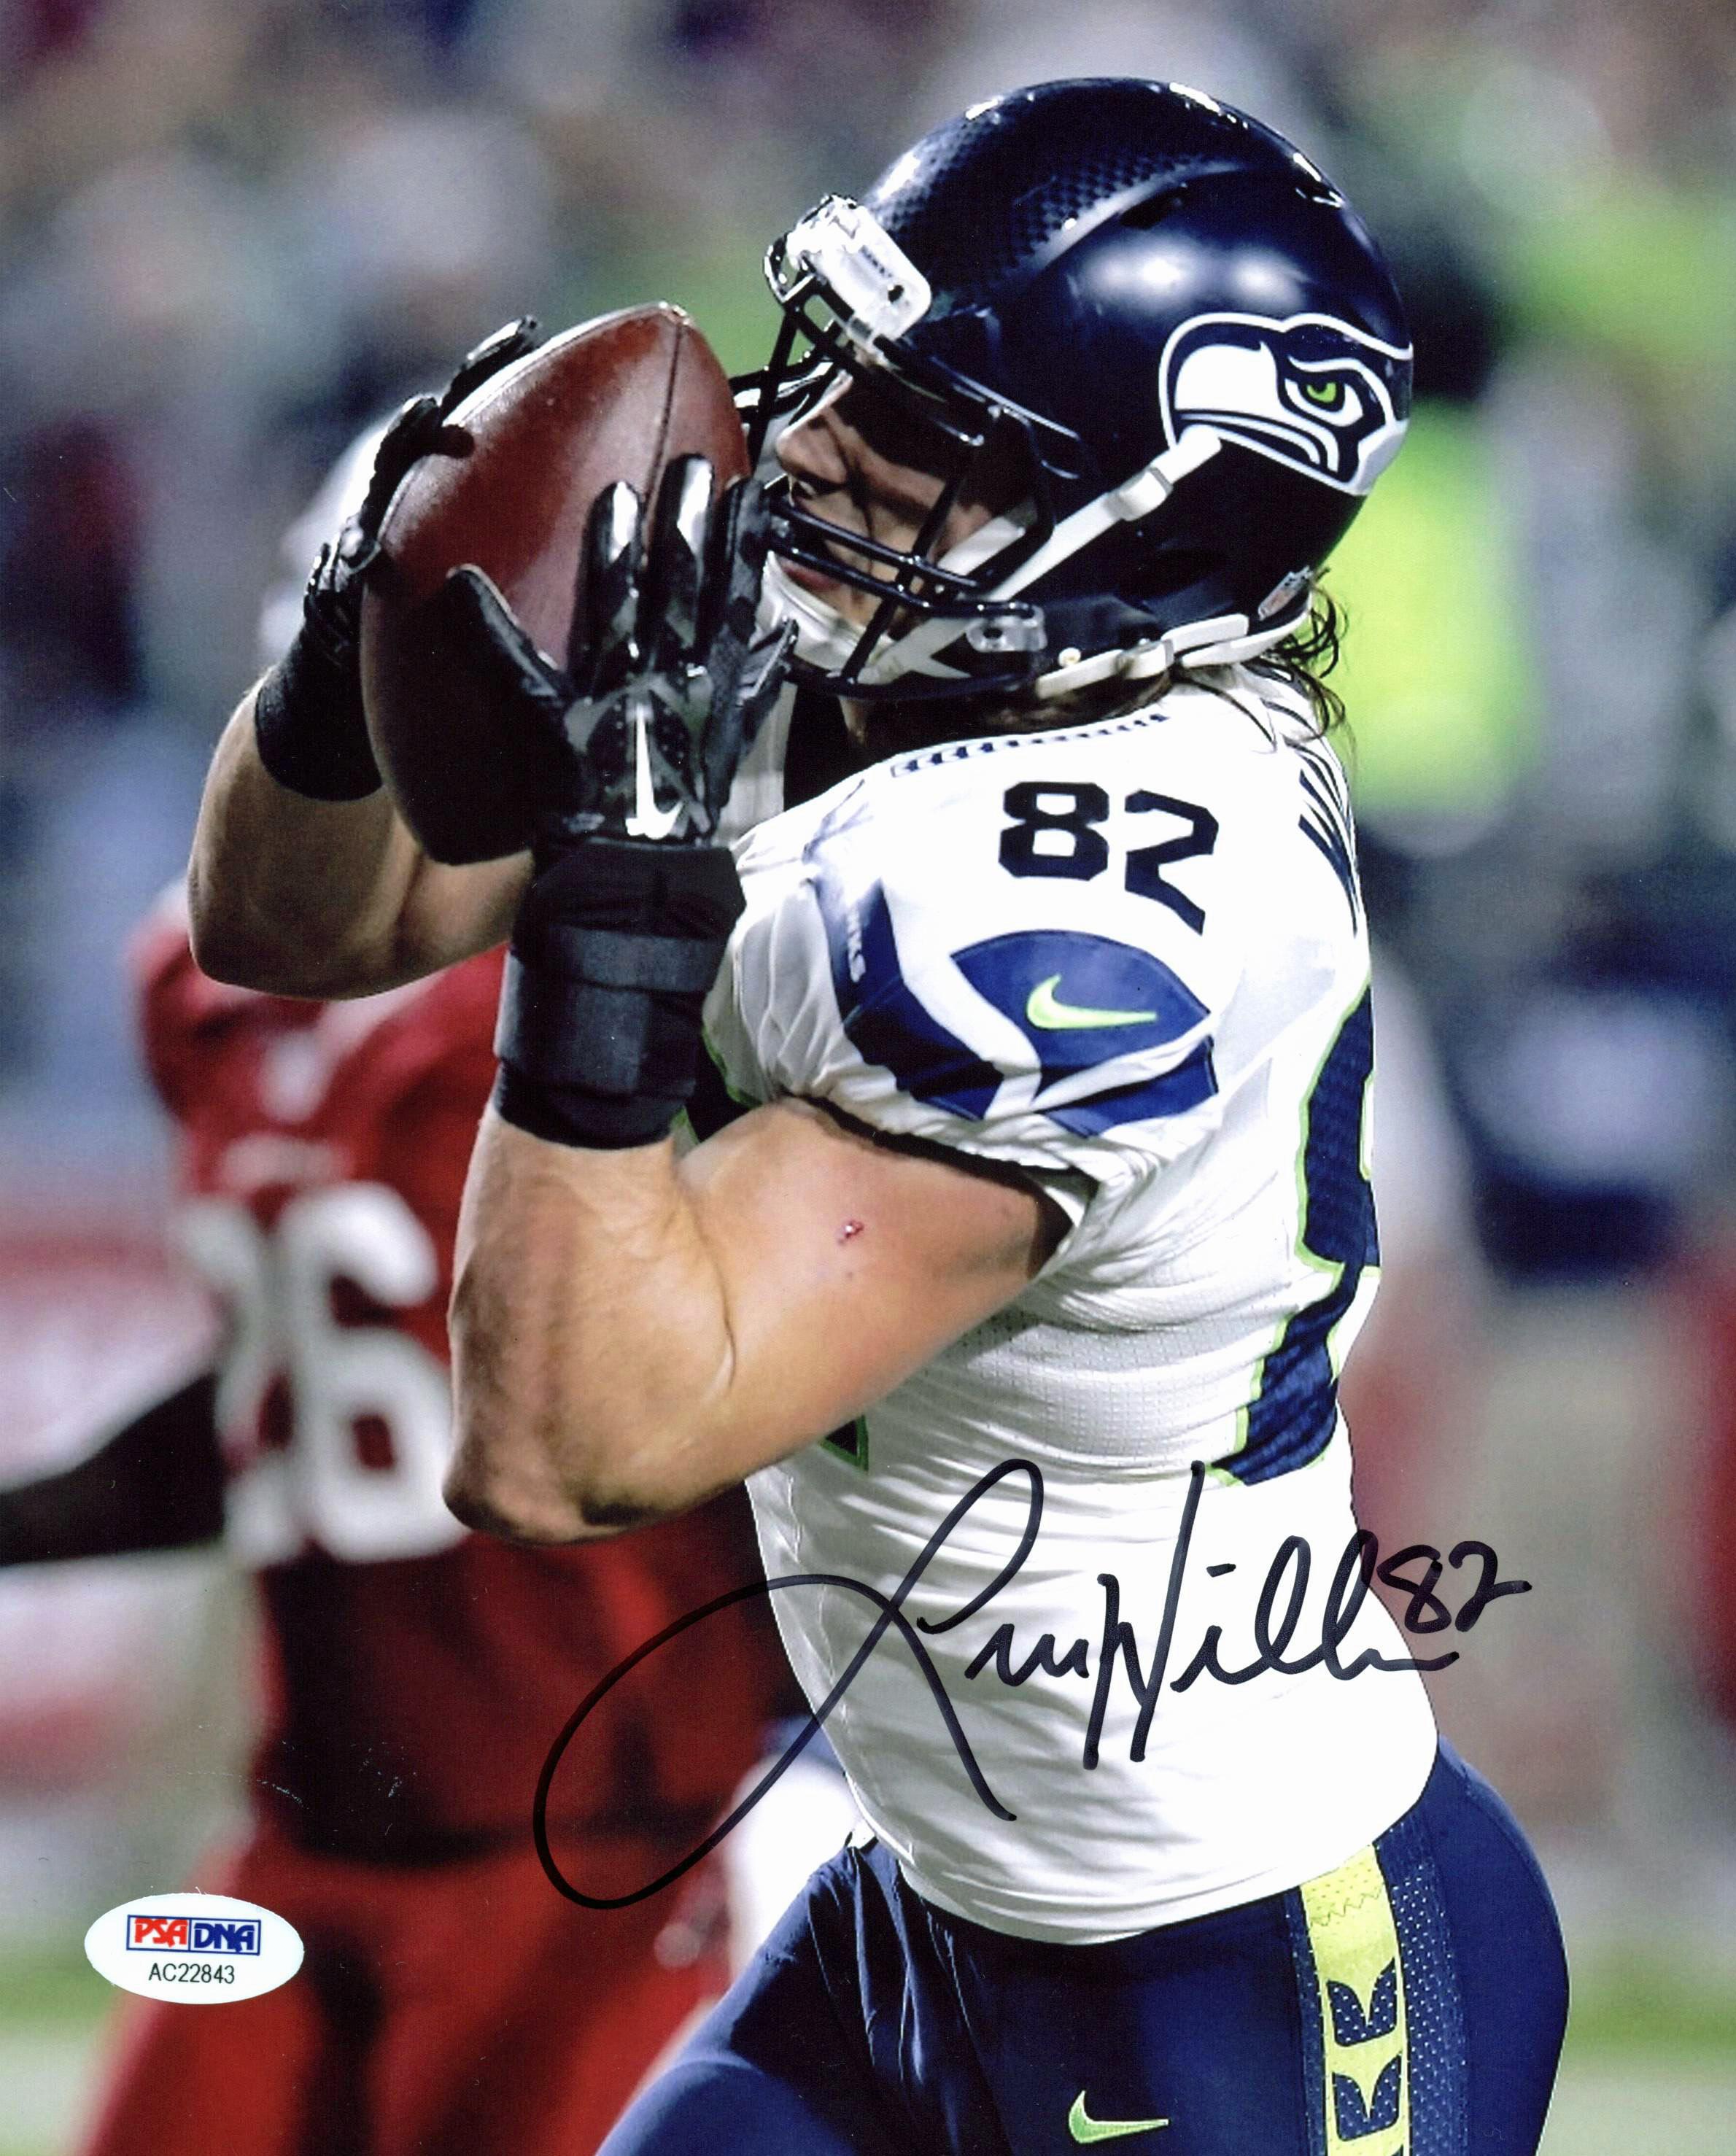 77d4614794d $39.99 - Seahawks Luke Wilson Authentic Signed 8x10 Photo Autographed PSA/DNA  #AC22843